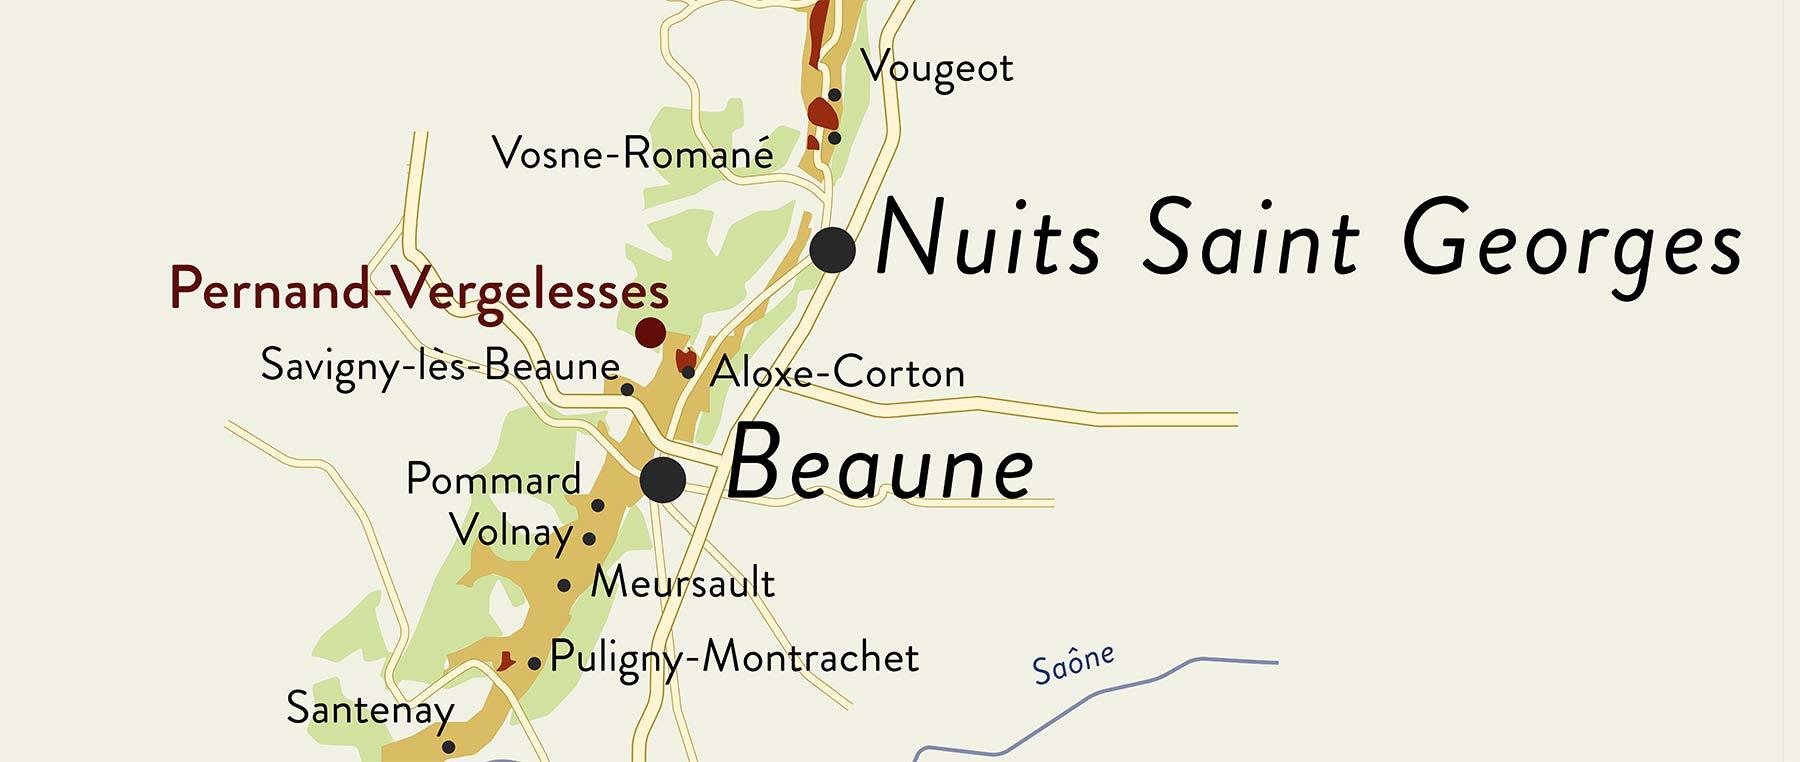 Pernand Vergelesses liegt zwischen Nuits Saint Georges und Beaune an der Côte d'or